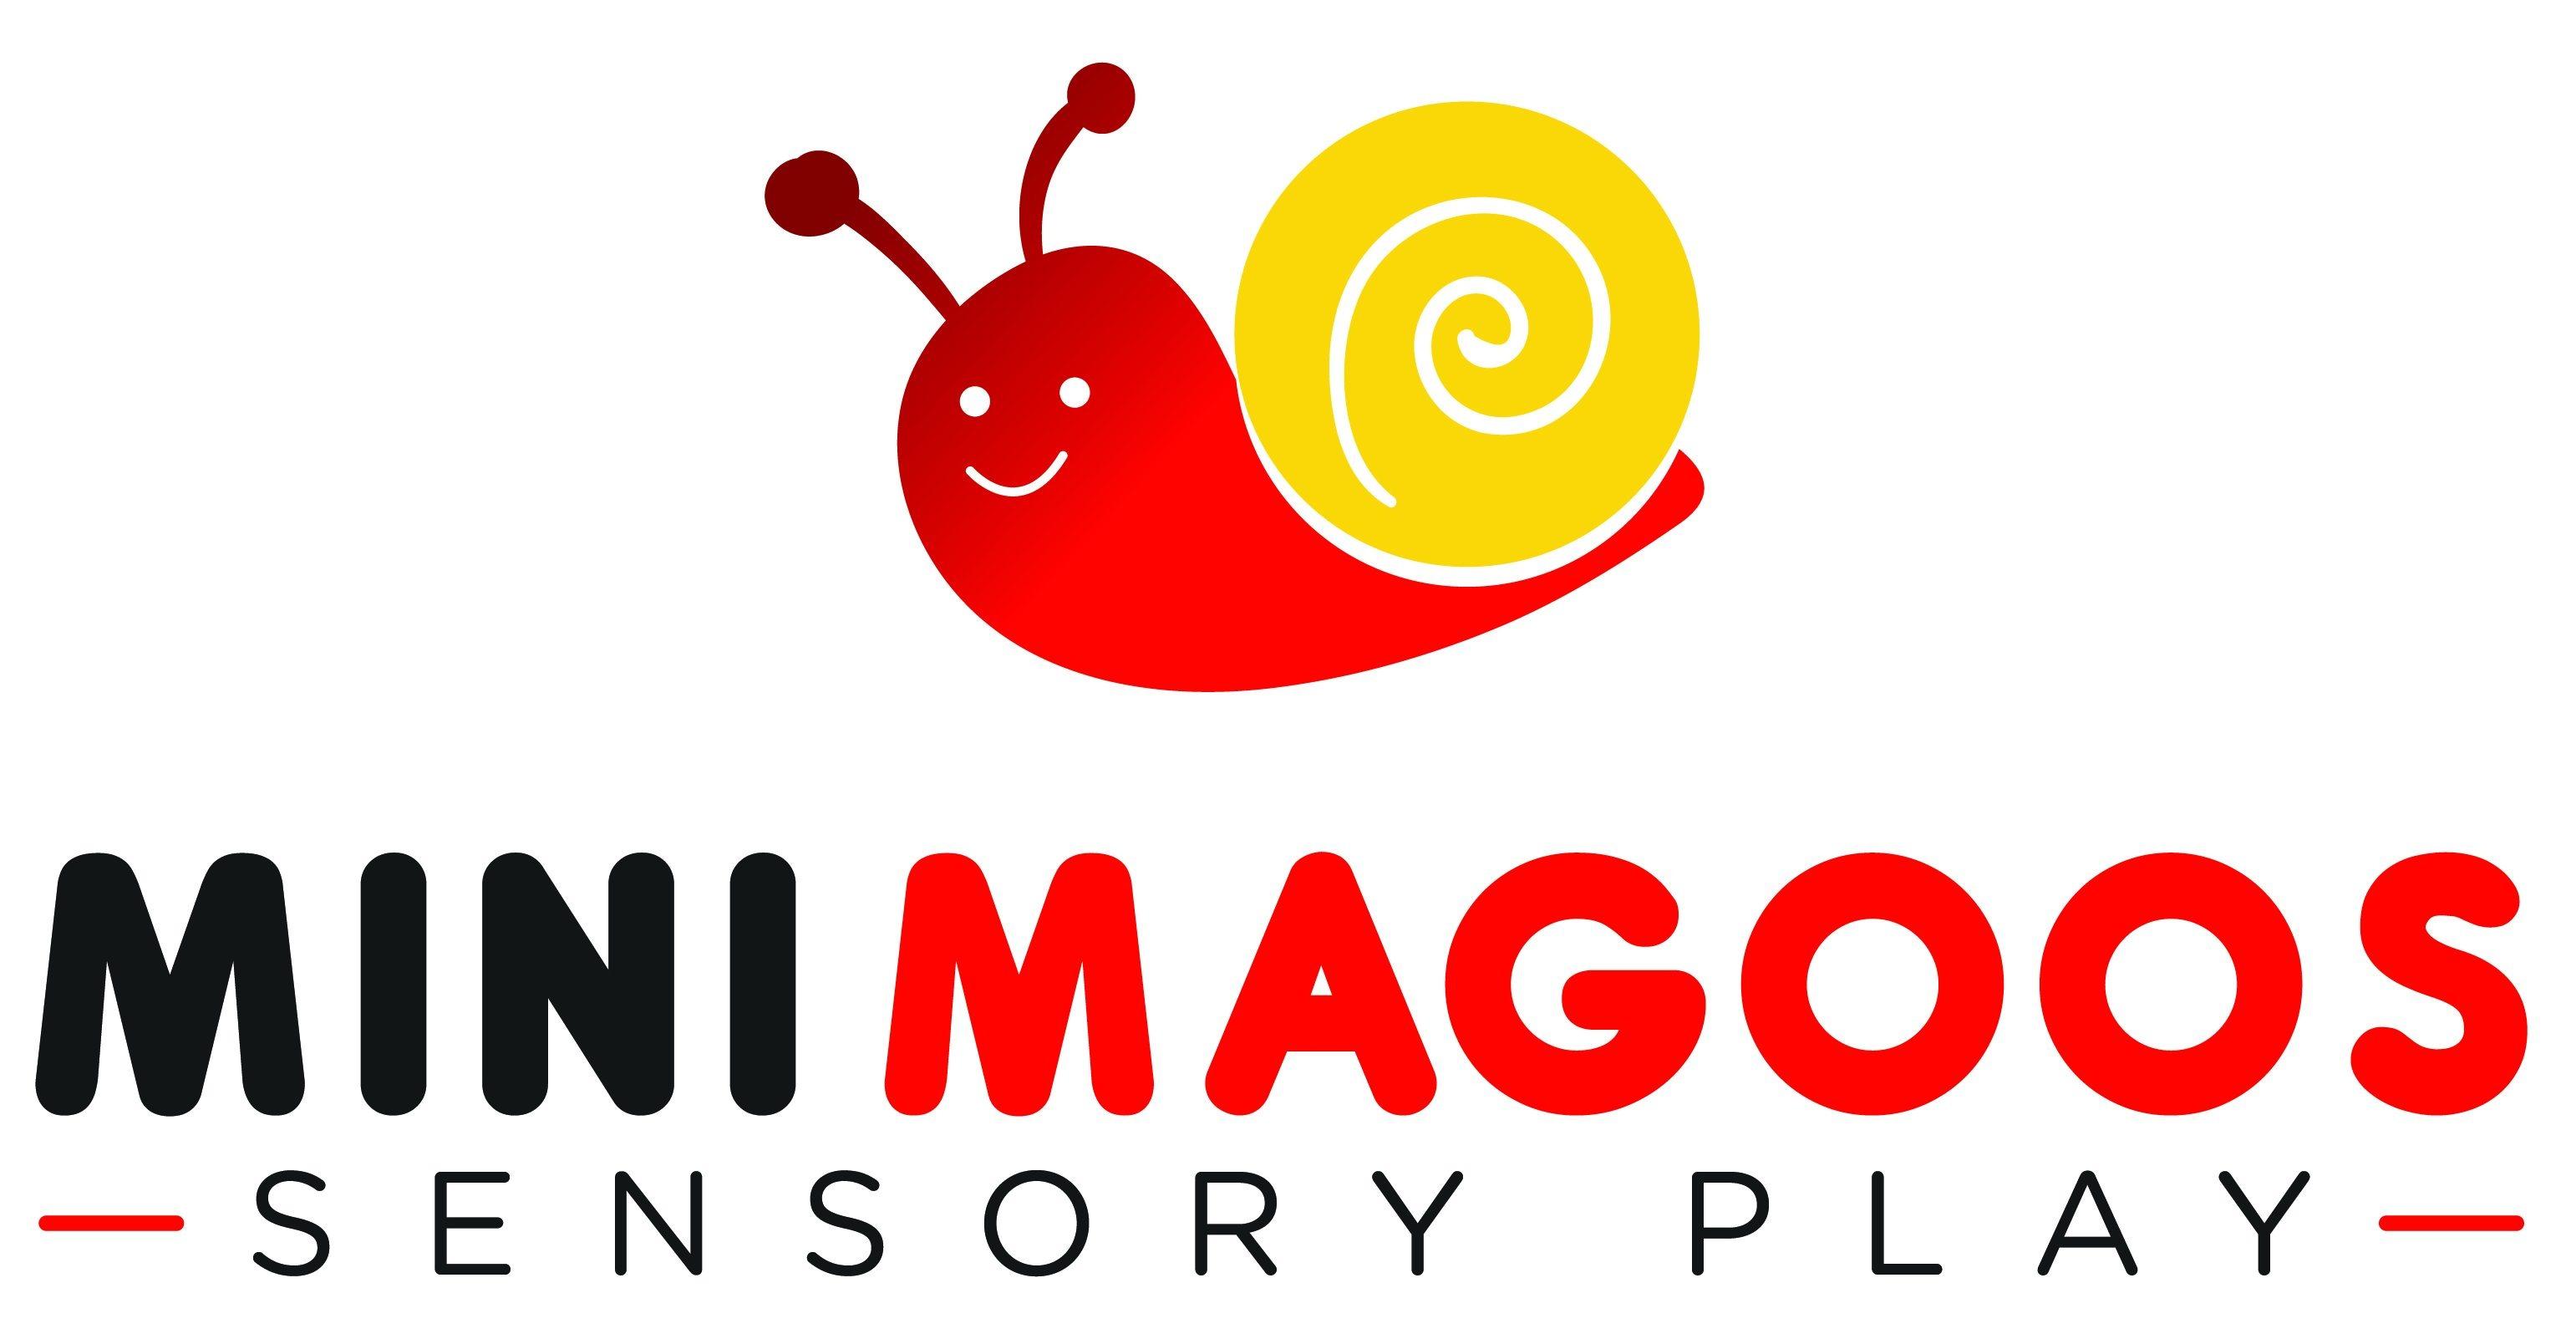 Mini Magoos